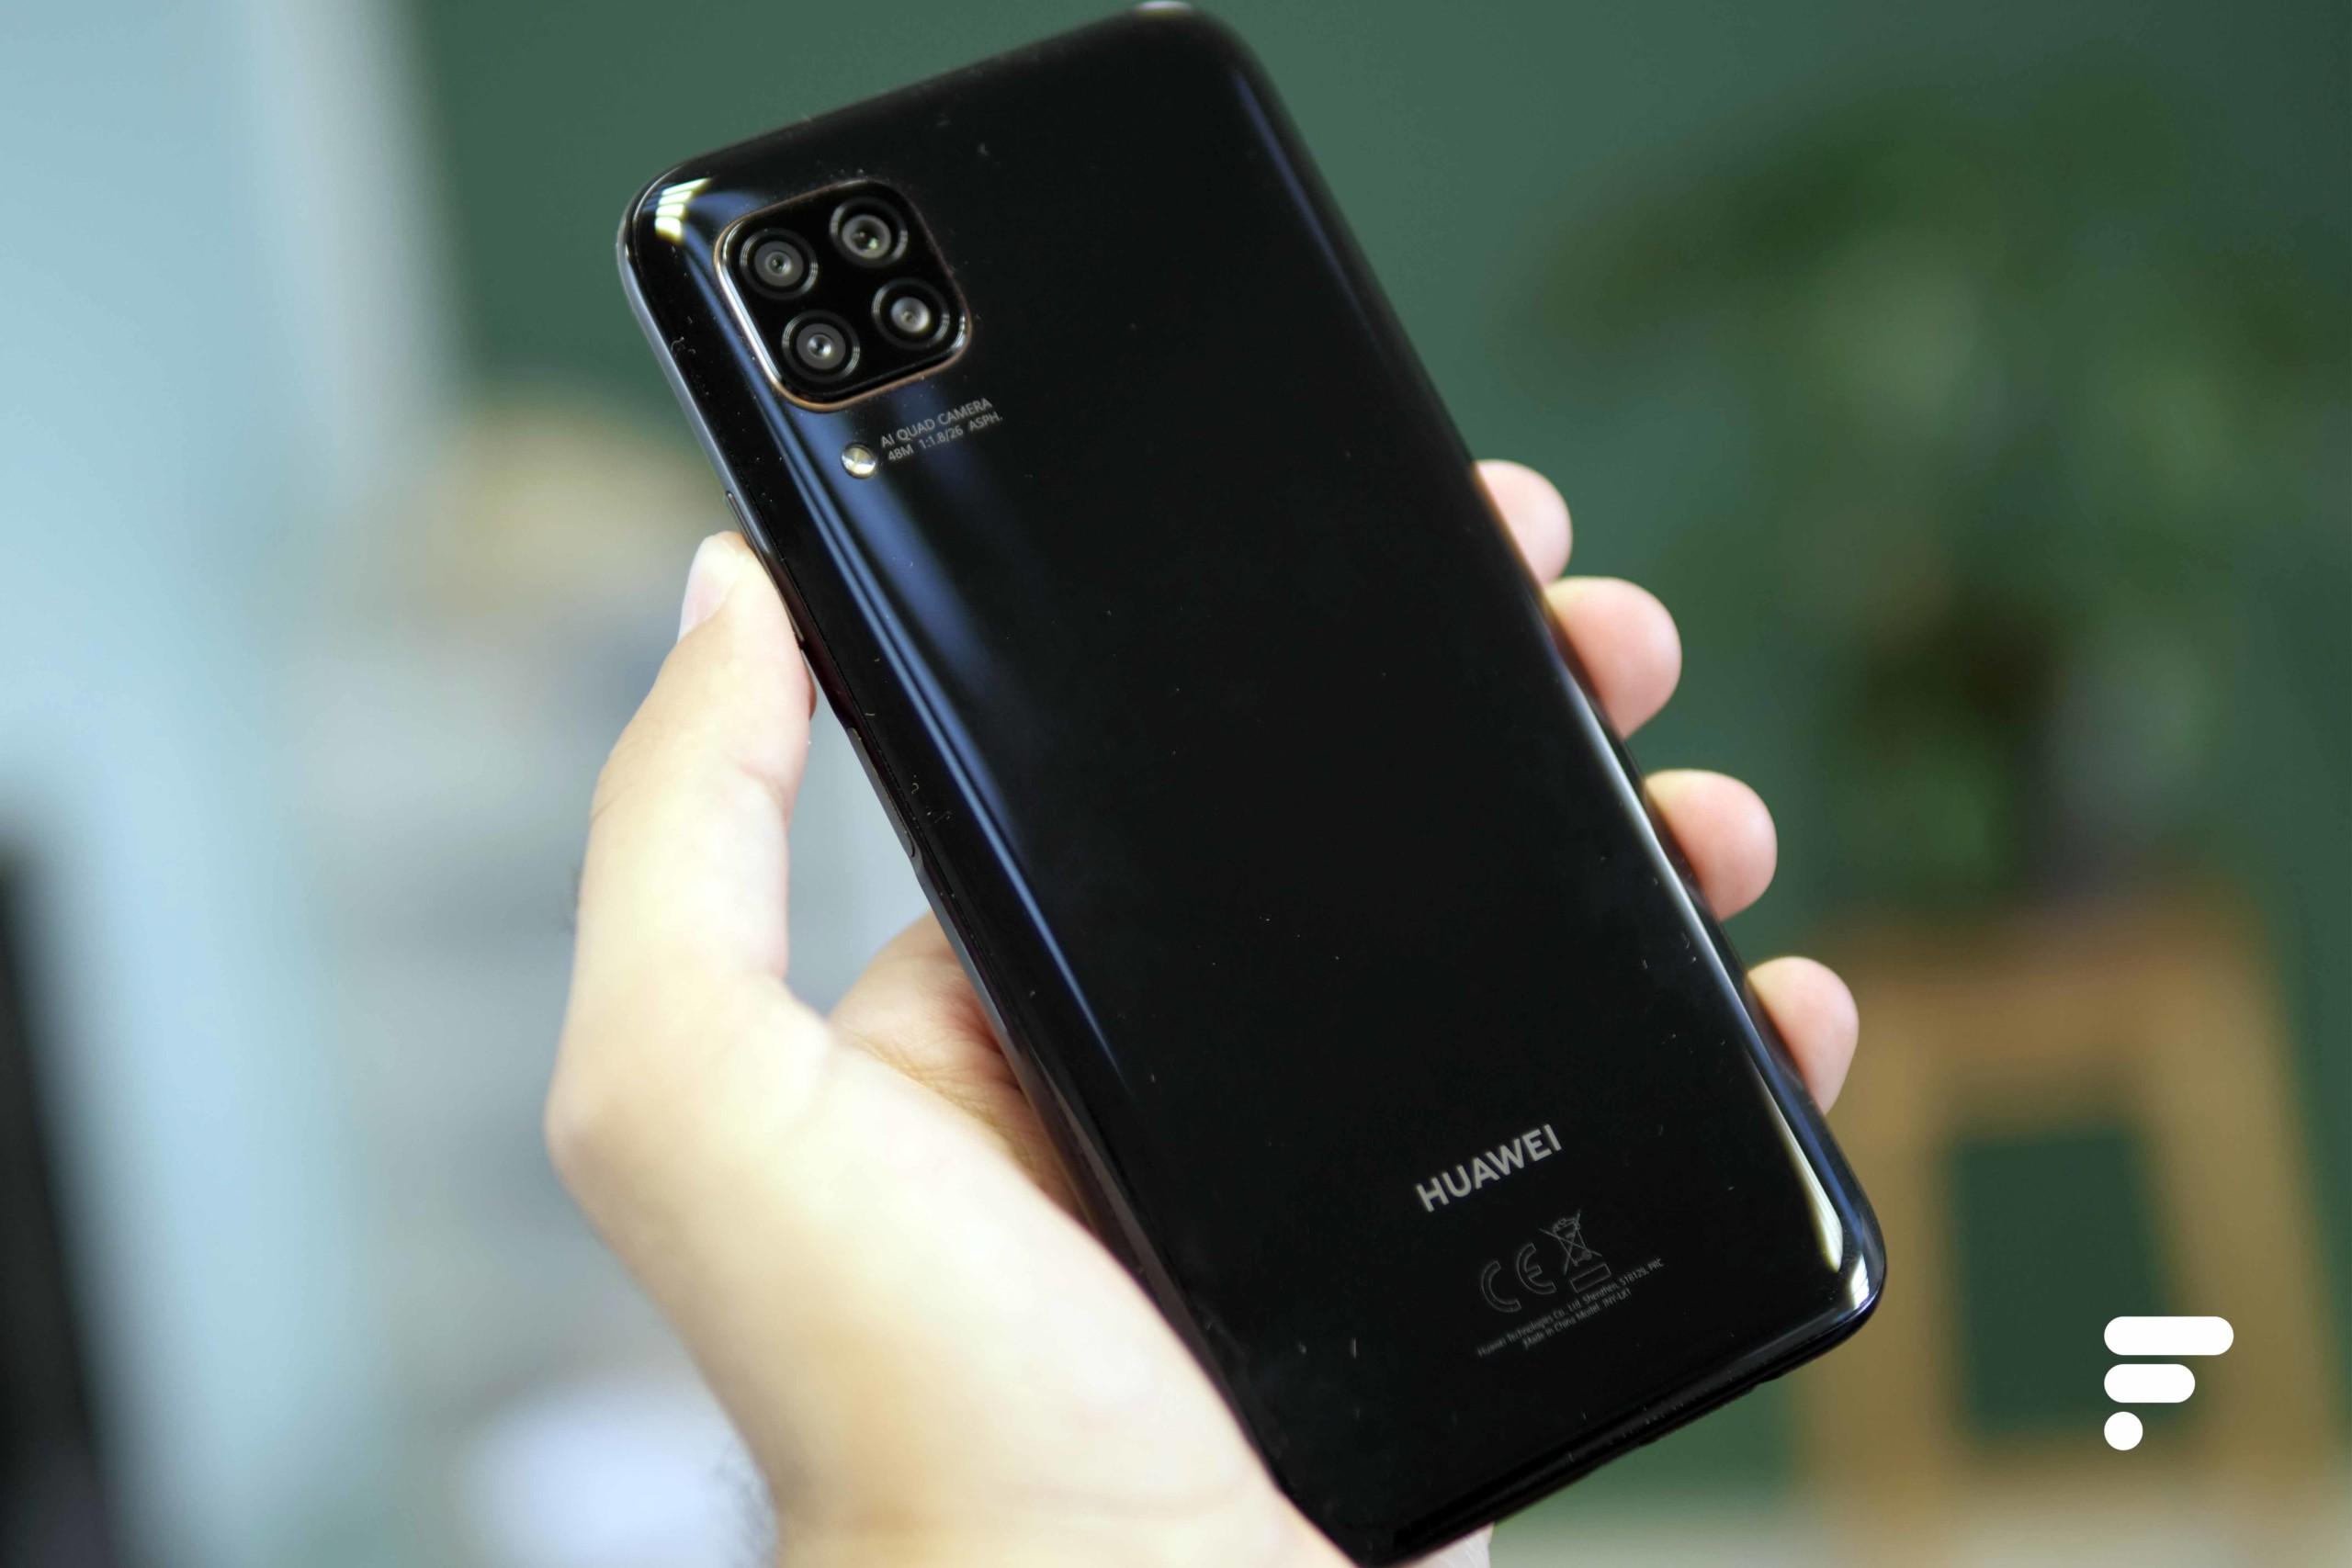 Huawei peut-être sauvé par AMD, PS5 et nouvelle sonnette vidéo intelligente – Tech'spresso